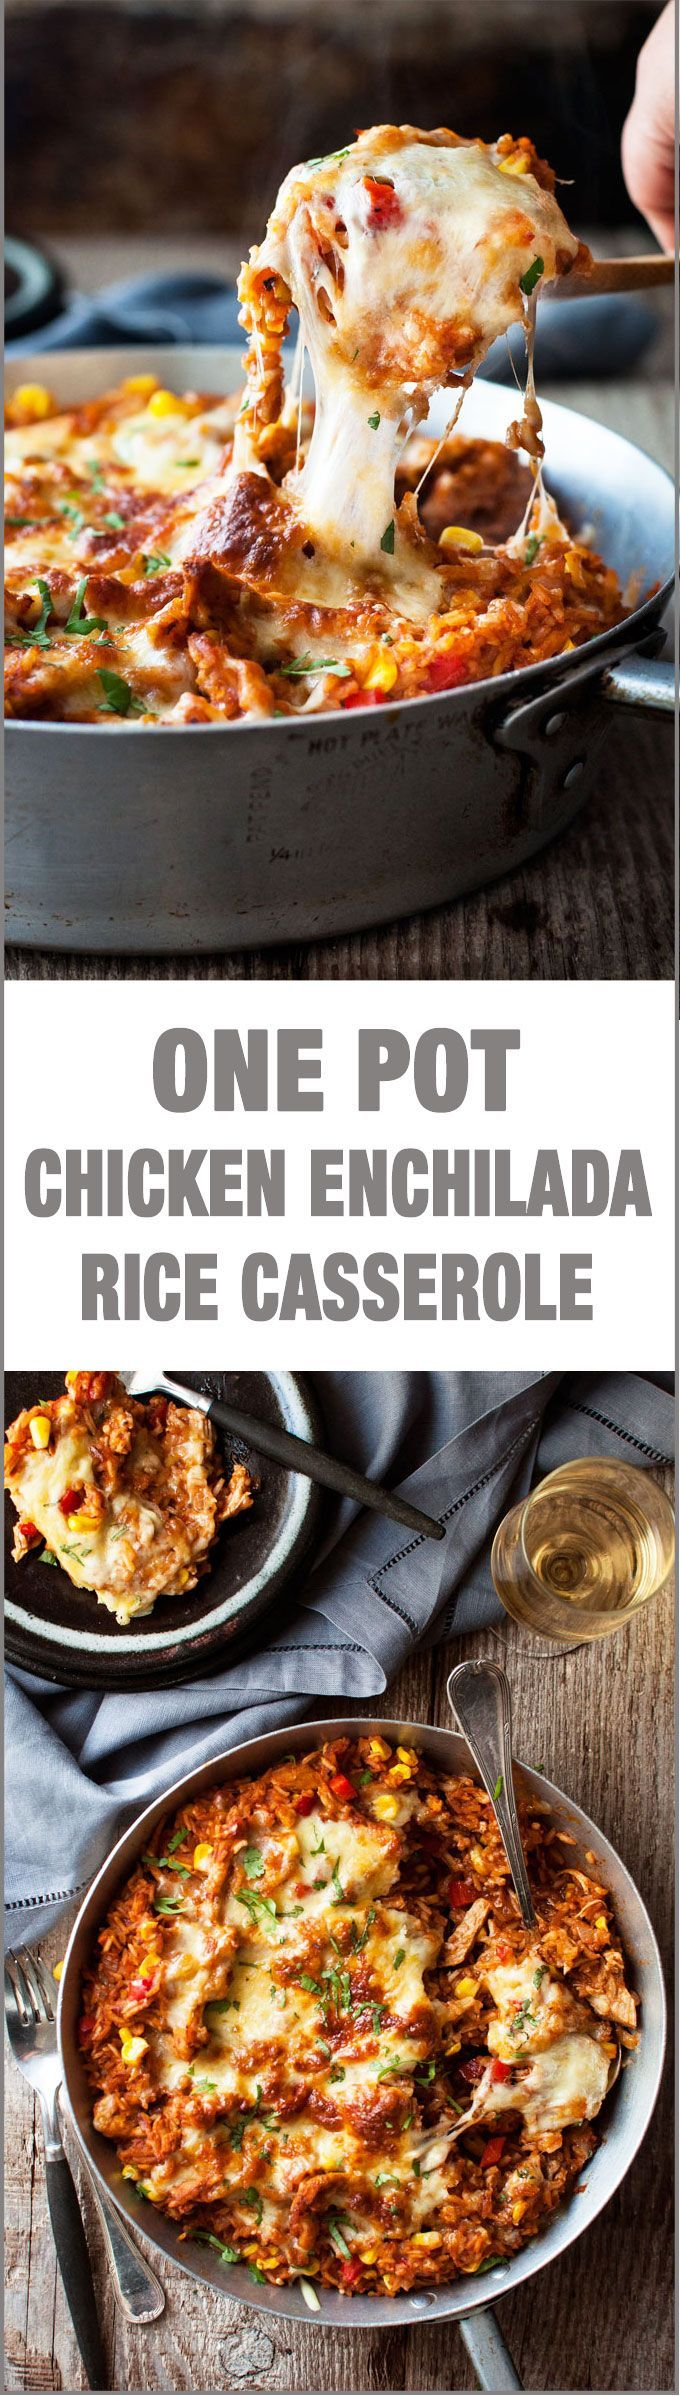 Una olla de pollo Enchilada arroz Cazuela - los sabores de la enchilada de pollo, en una cazuela de arroz, todo hecho en un recipiente en la estufa!